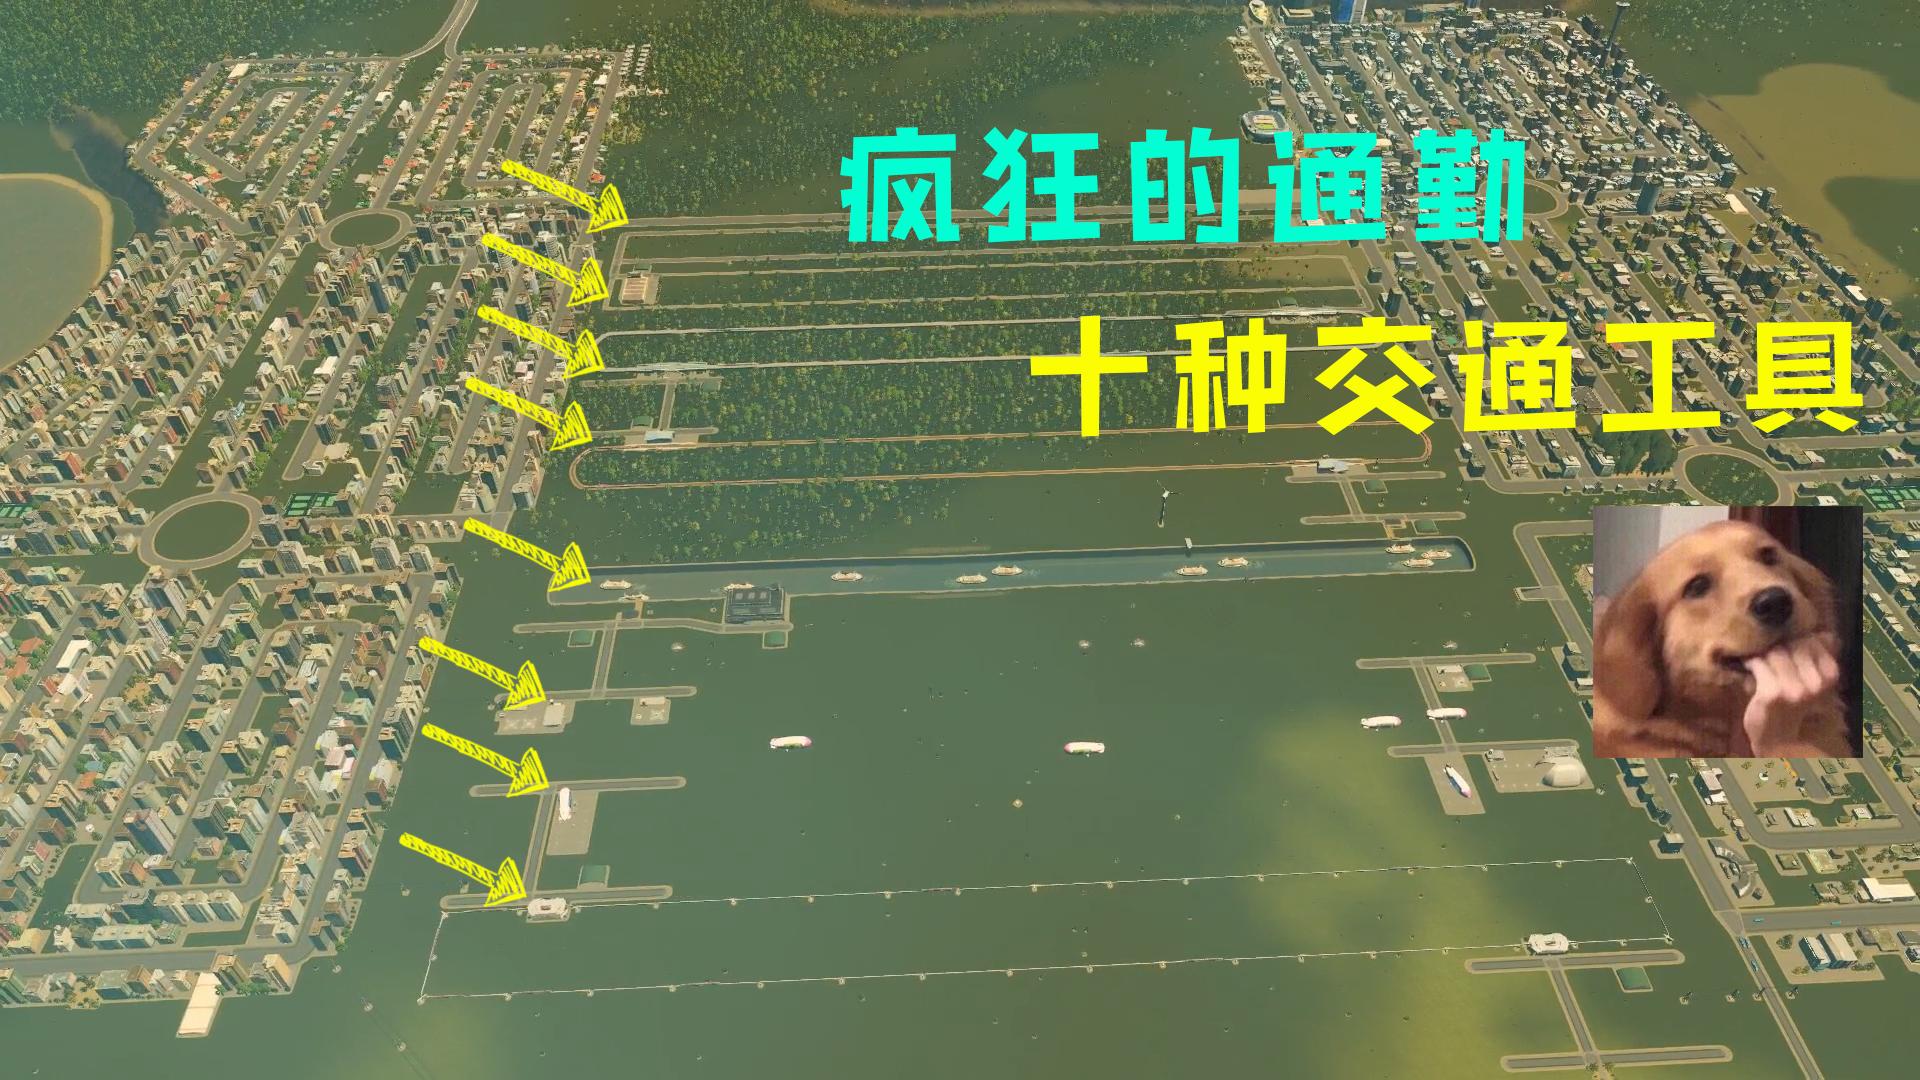 都市天际线:必须坐十种交通工具上班,没想到刁民不中计